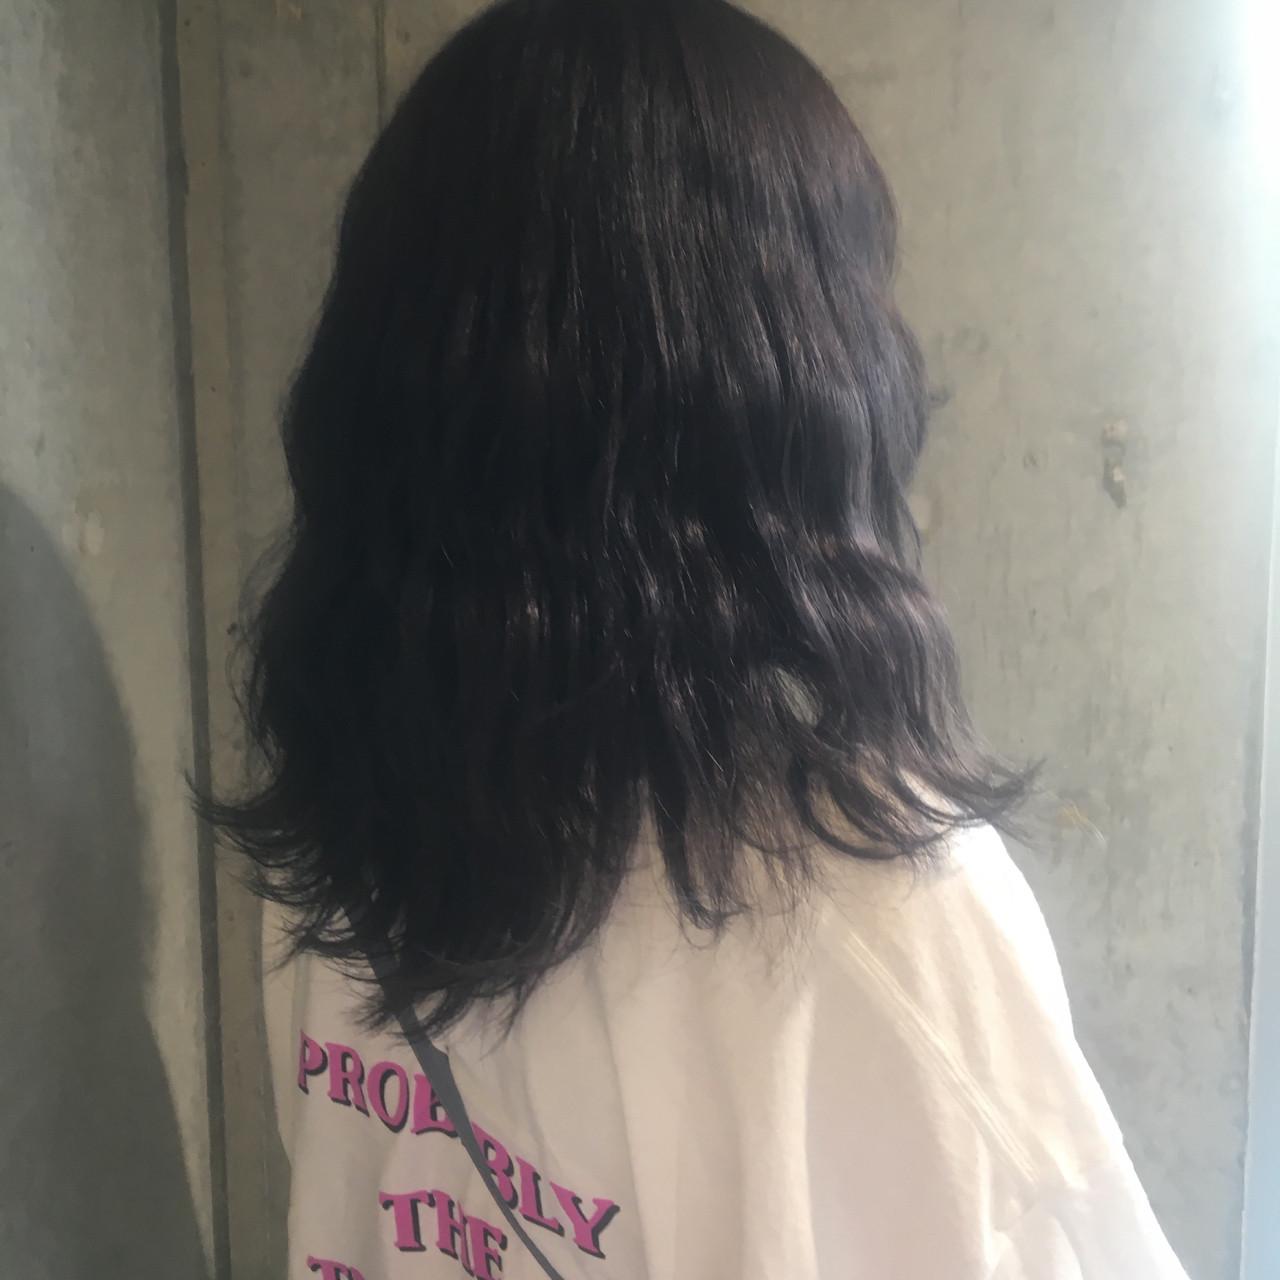 グレージュ ラベンダーアッシュ ラベンダー ミディアム ヘアスタイルや髪型の写真・画像